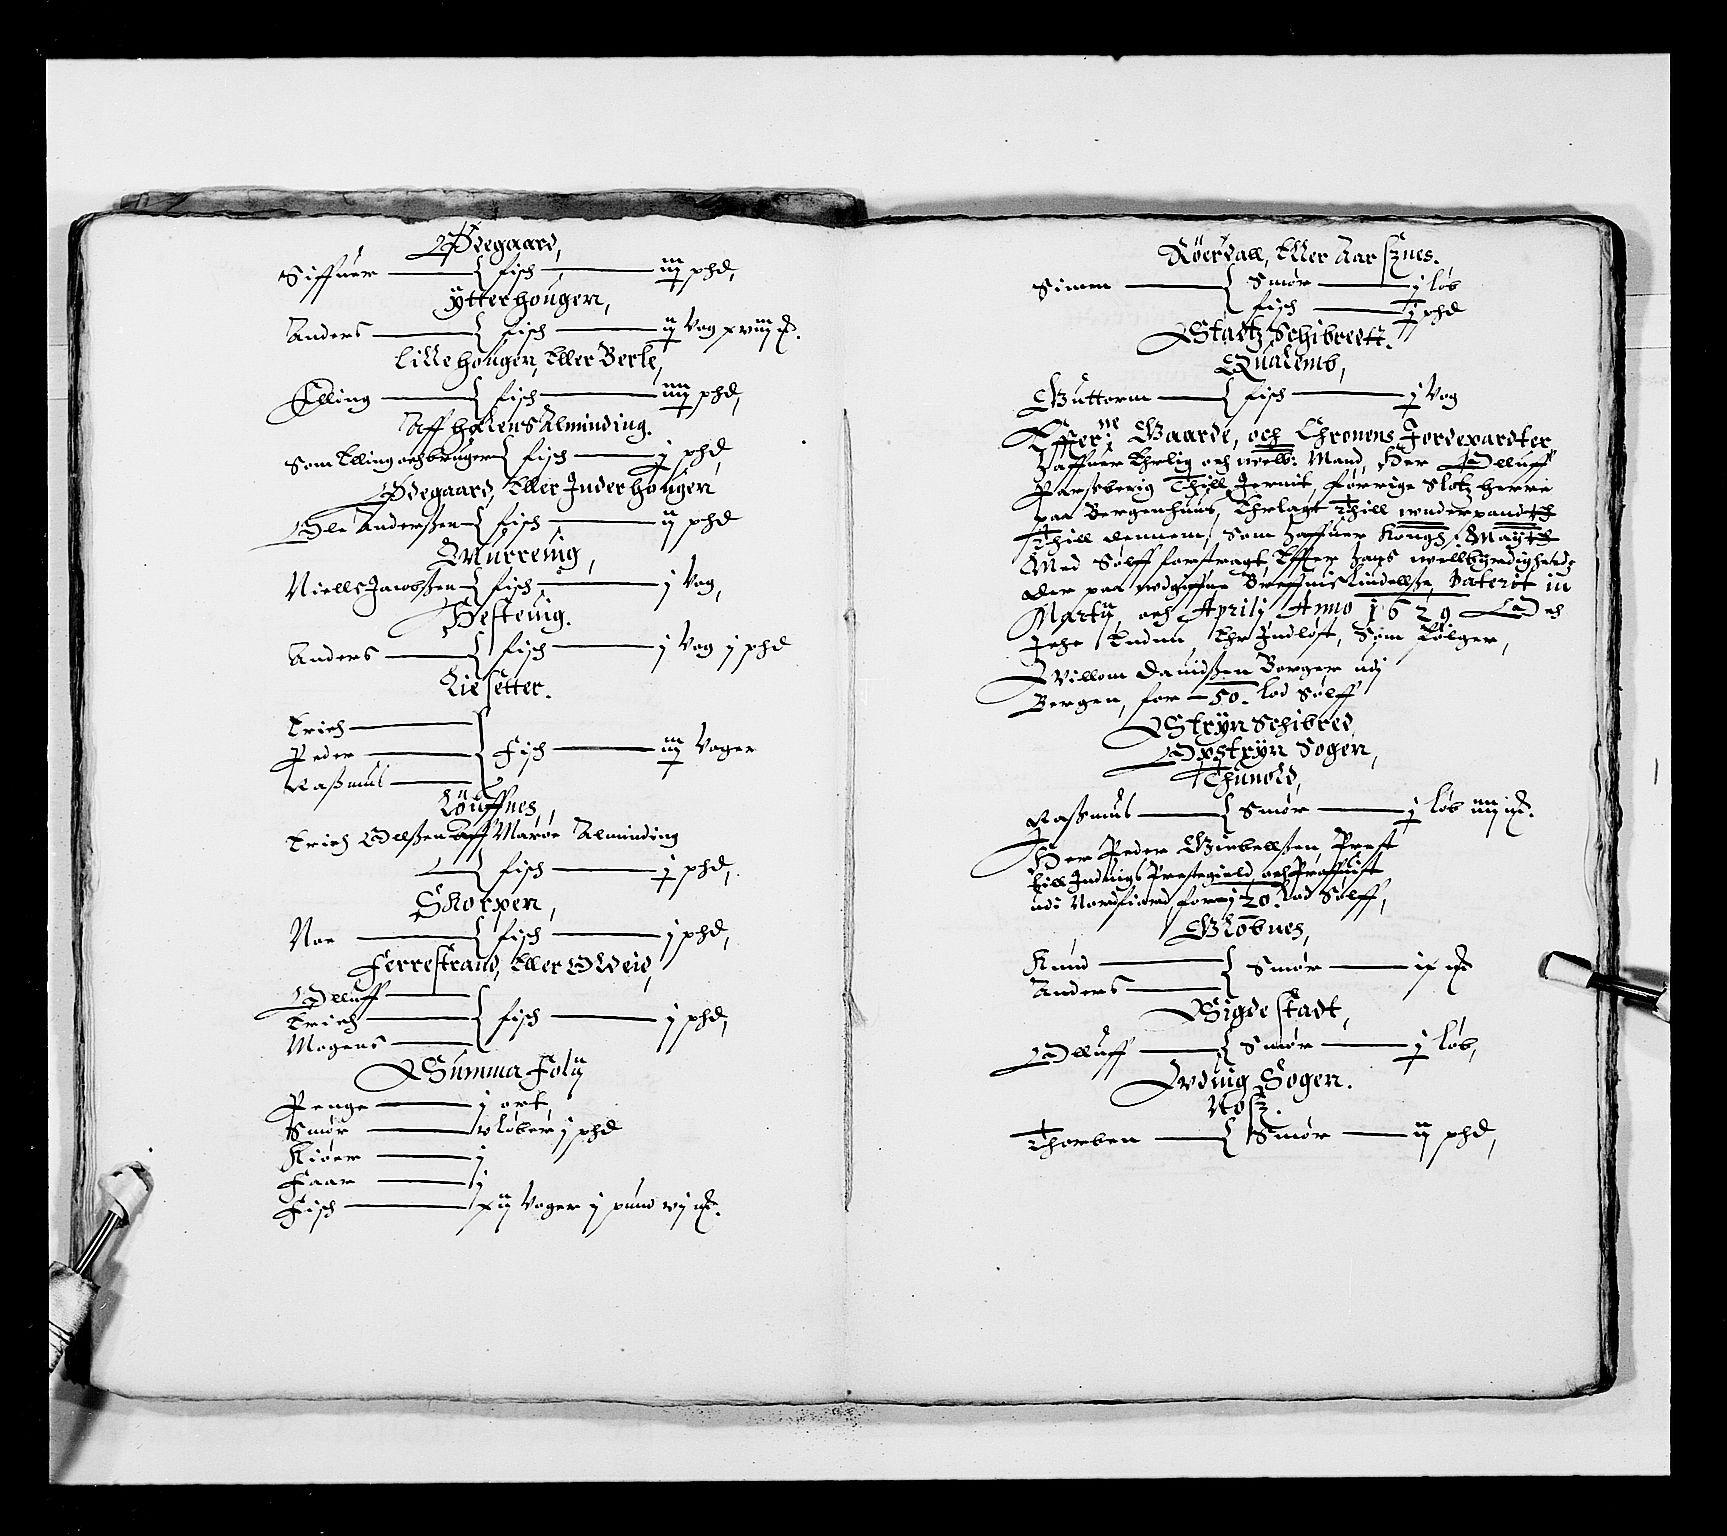 RA, Stattholderembetet 1572-1771, Ek/L0025: Jordebøker 1633-1658:, 1645-1646, s. 188